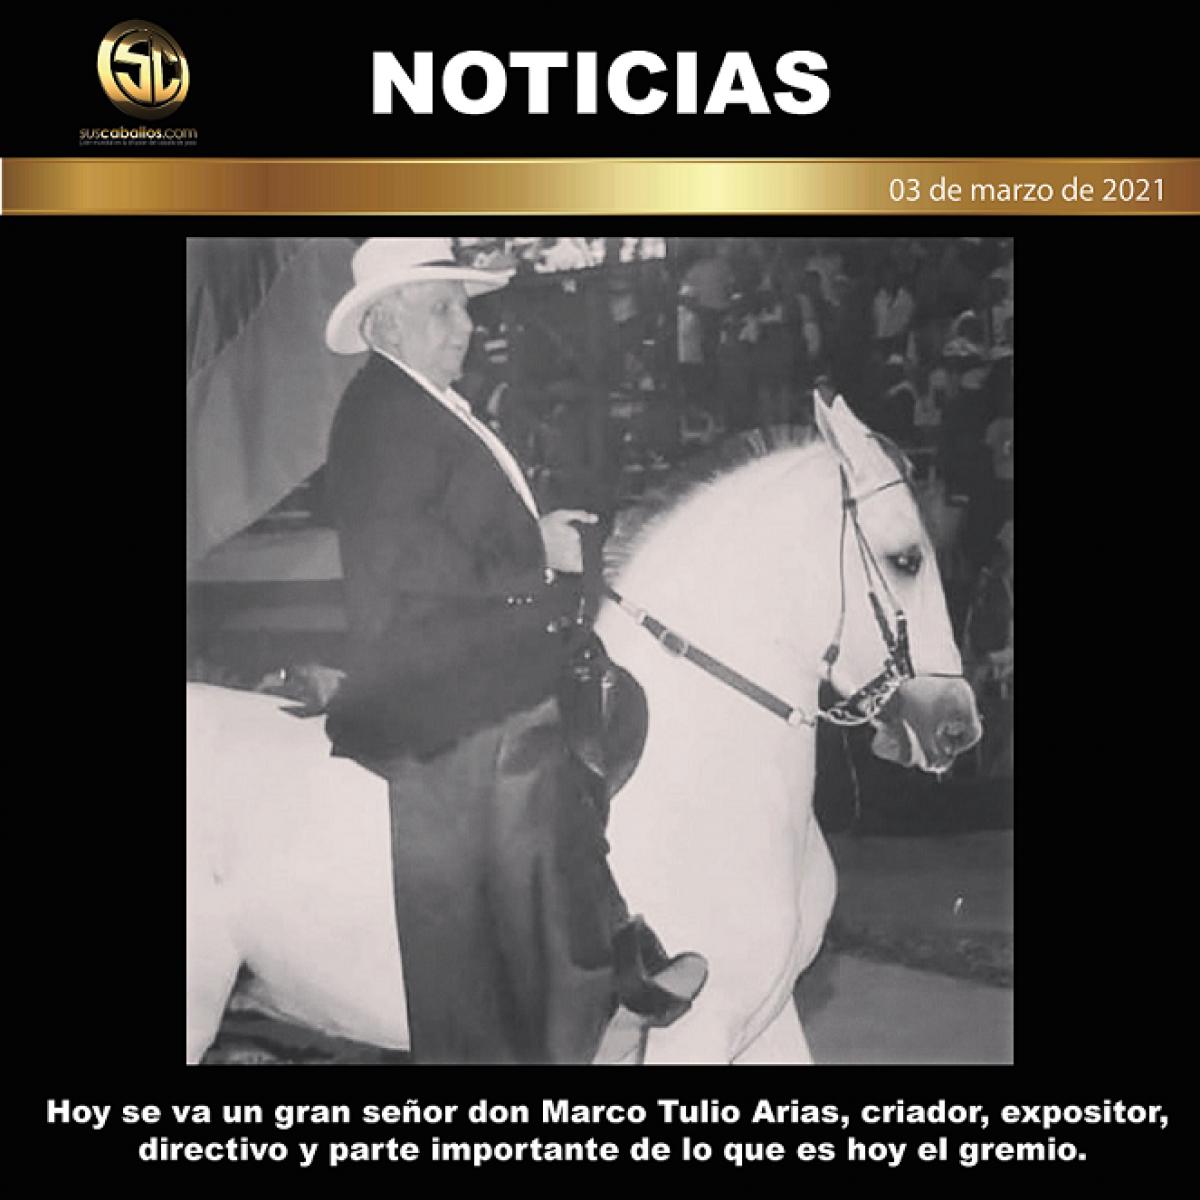 Hoy se va un gran señor don Marco Tulio Arias, criador, expositor, directivo y parte importante de lo que es hoy el gremio.